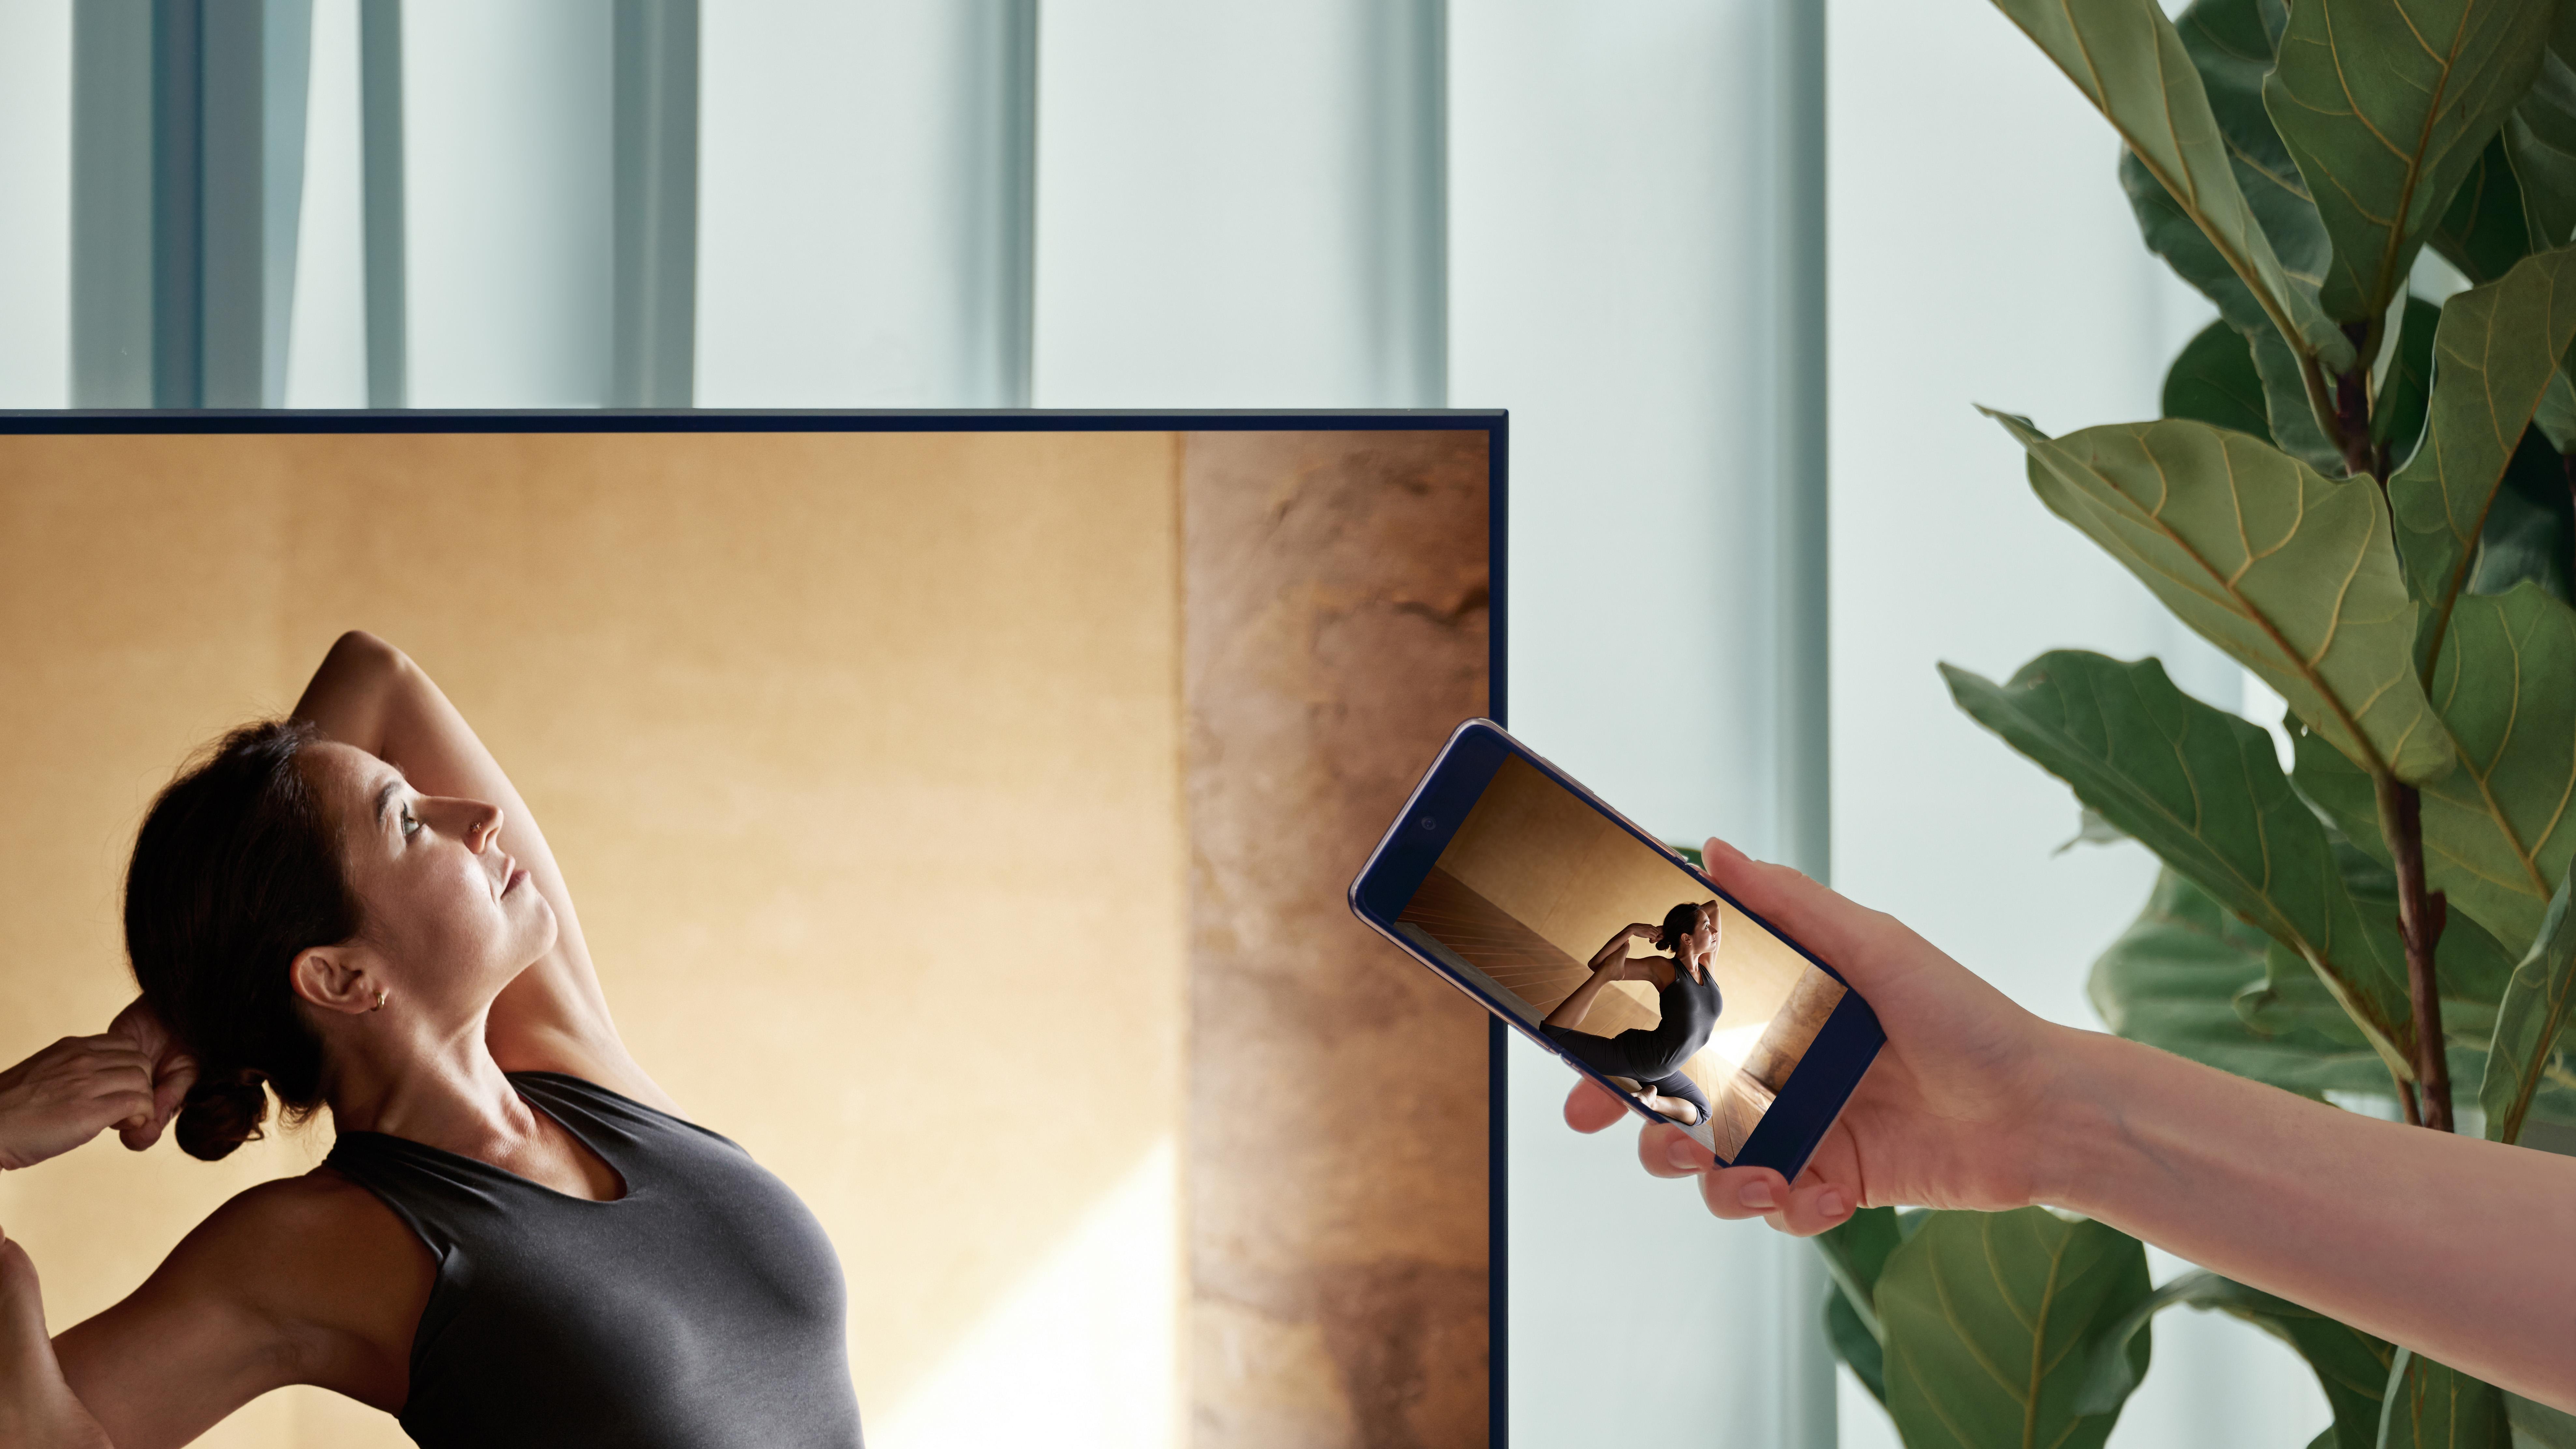 Samsung AU9000 TV review